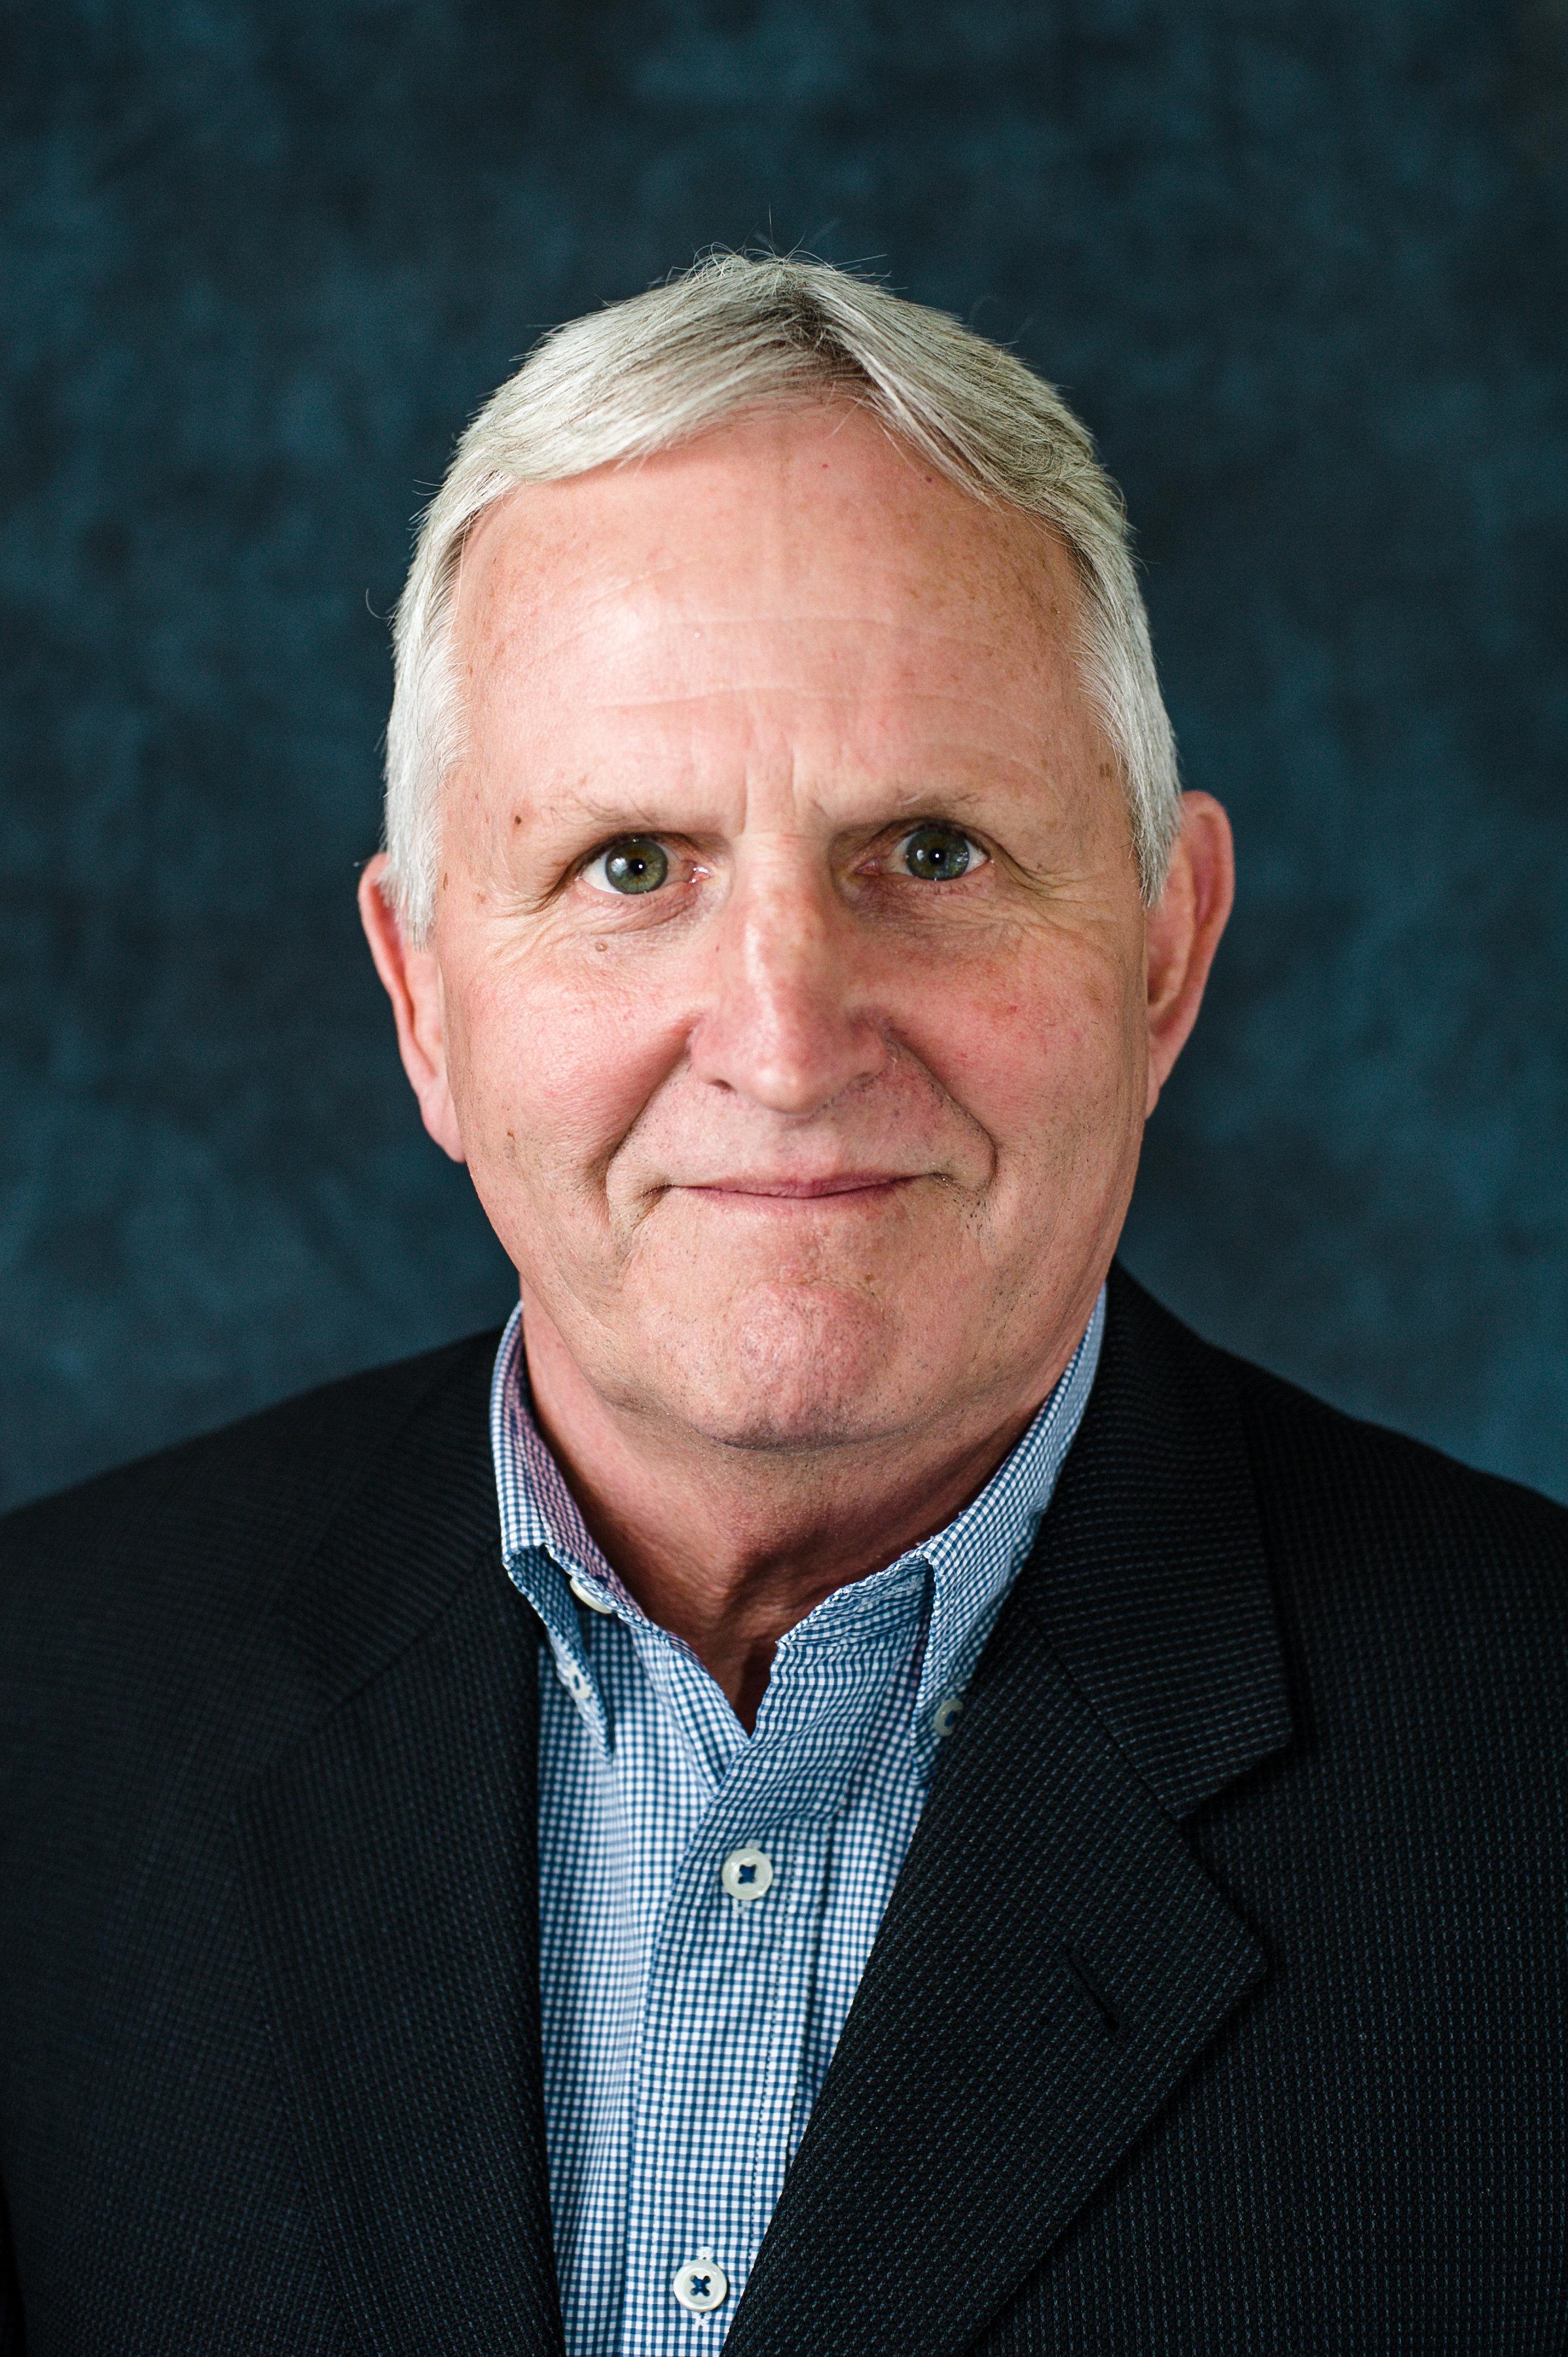 Tony Price